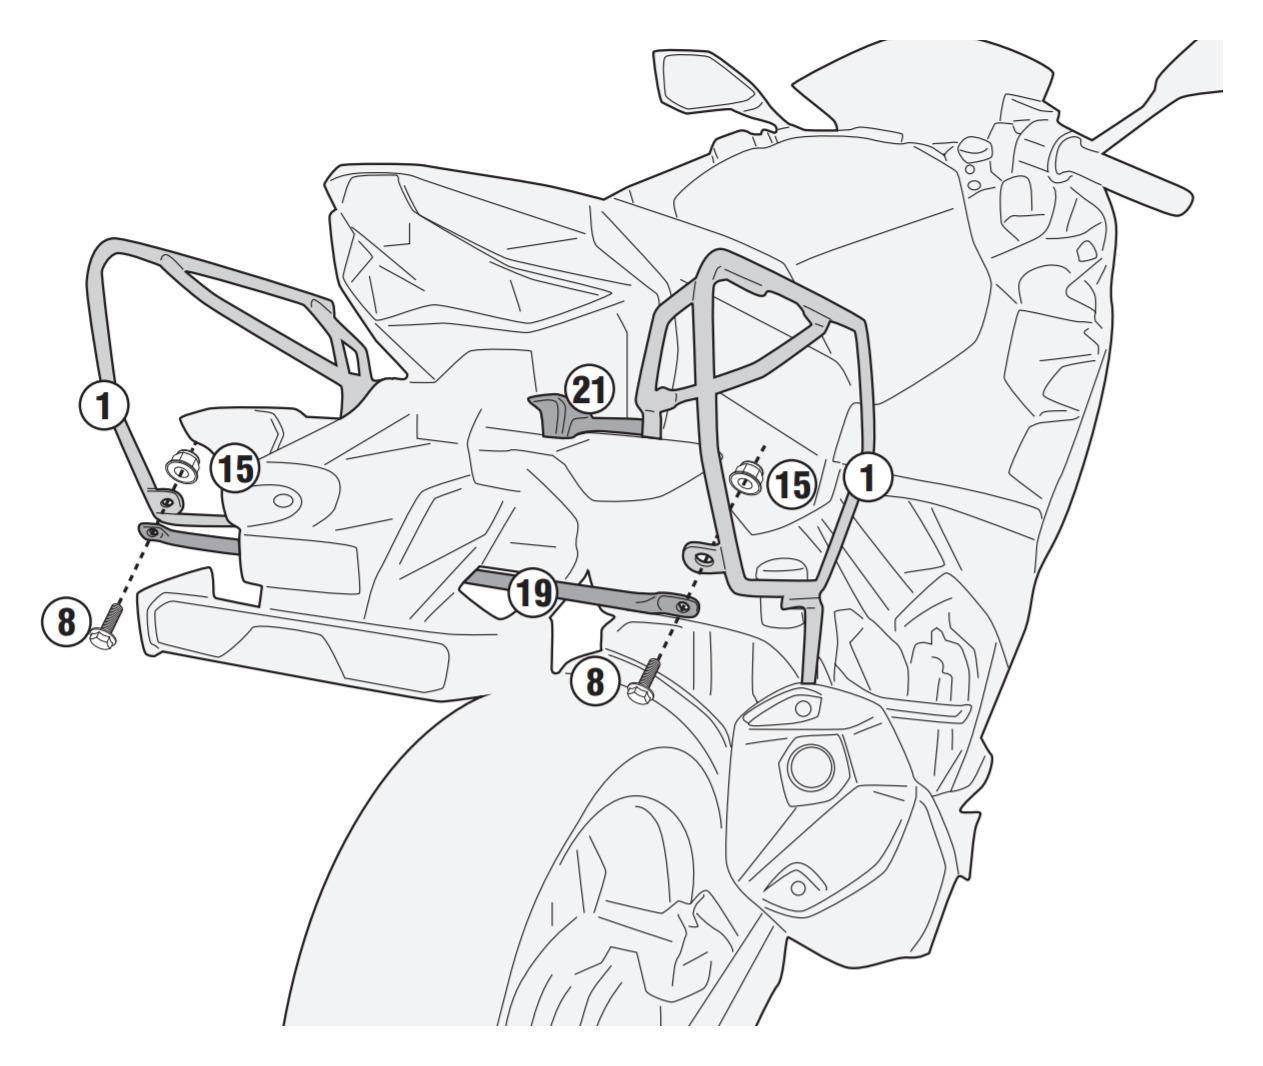 Givi TE4127 Easylock Saddlebag Supports Kawasaki Ninja 400